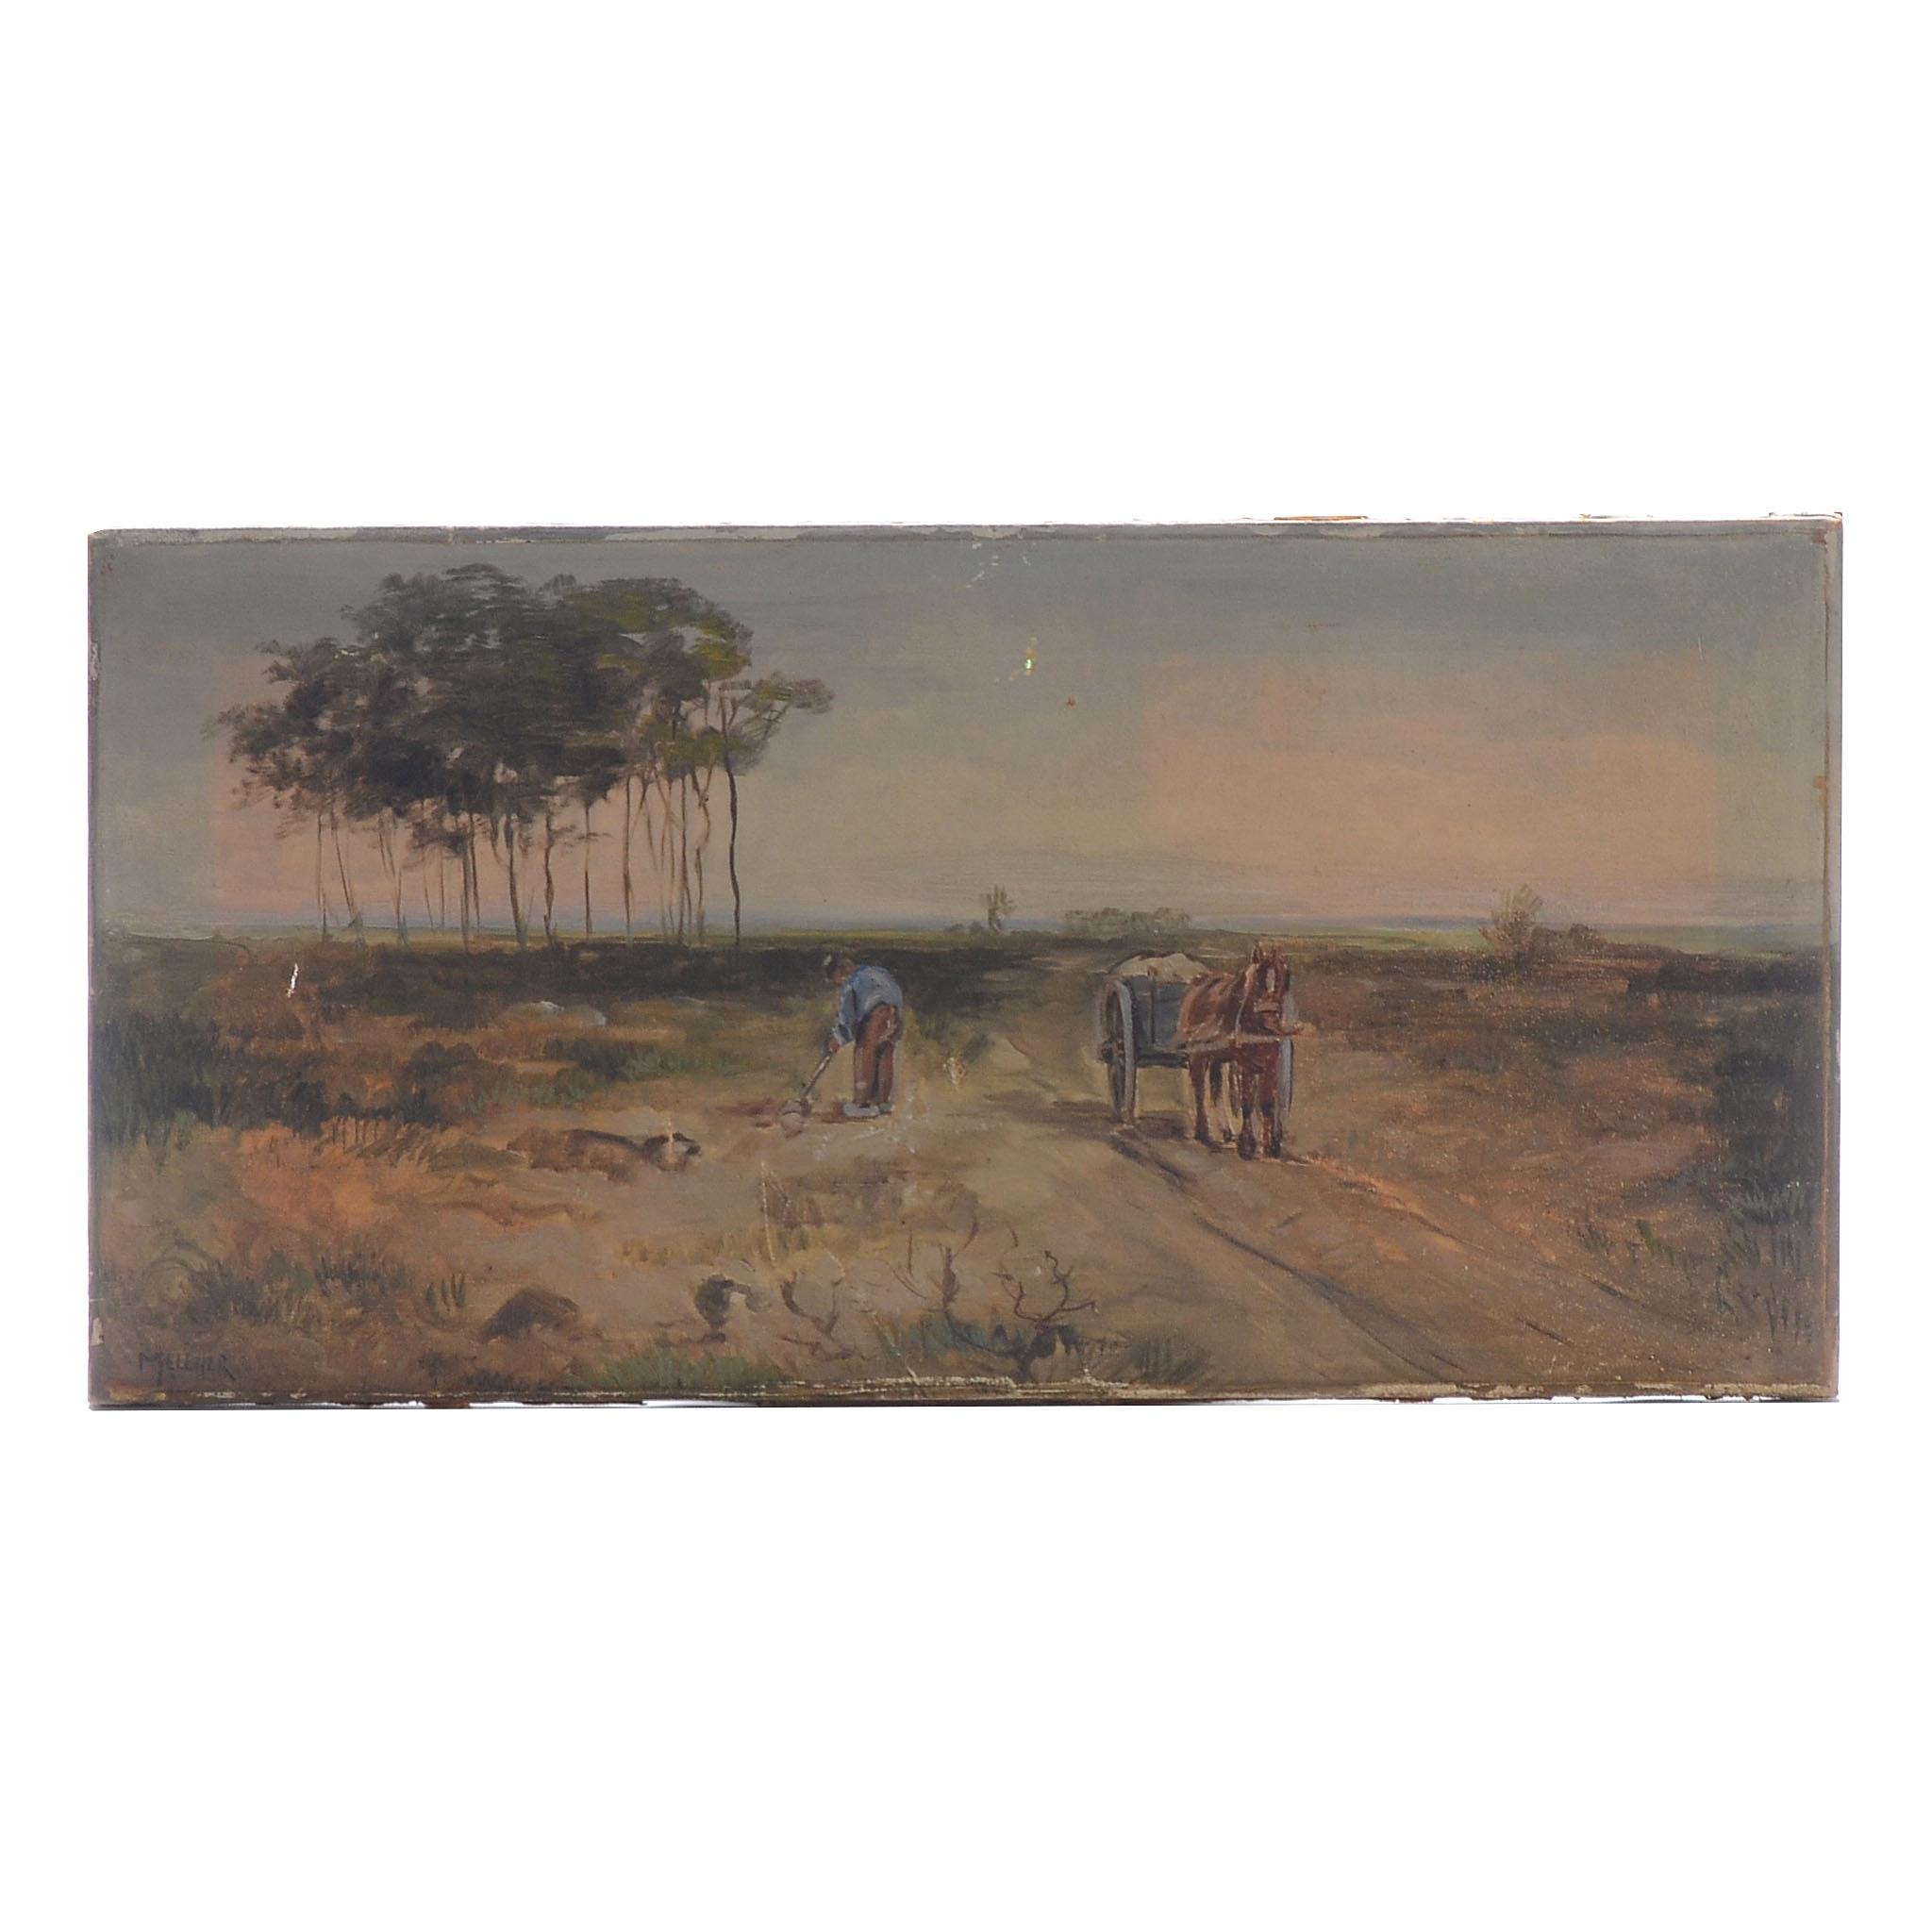 Mellher Vintage Oil on Canvas Rural Landscape Painting